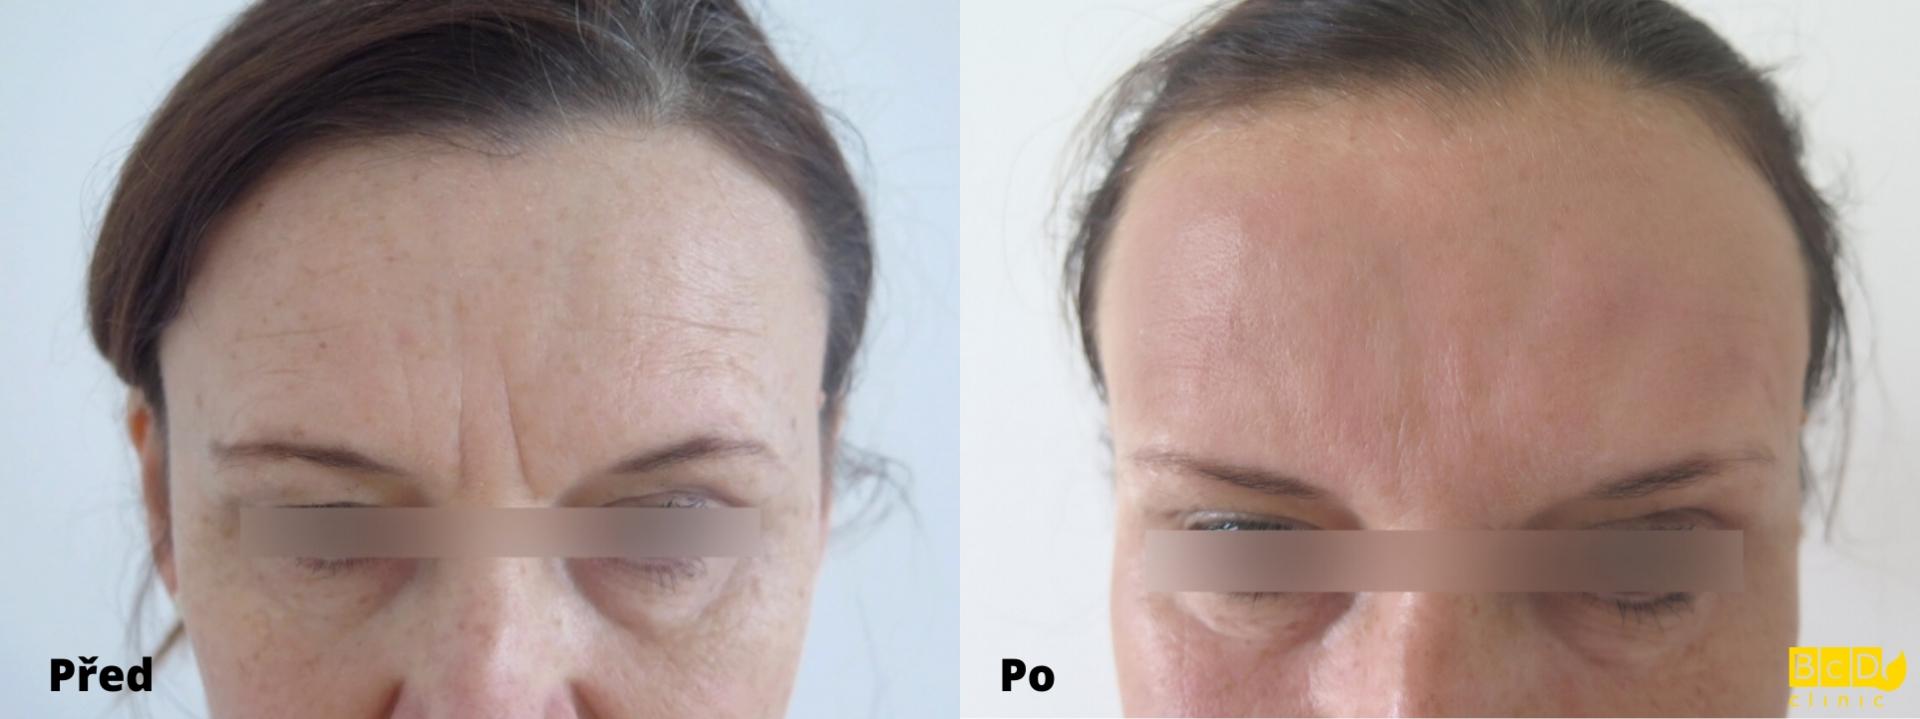 Odstranění vrásek na čele kyselinou hyaluronovou a botulotoxinem